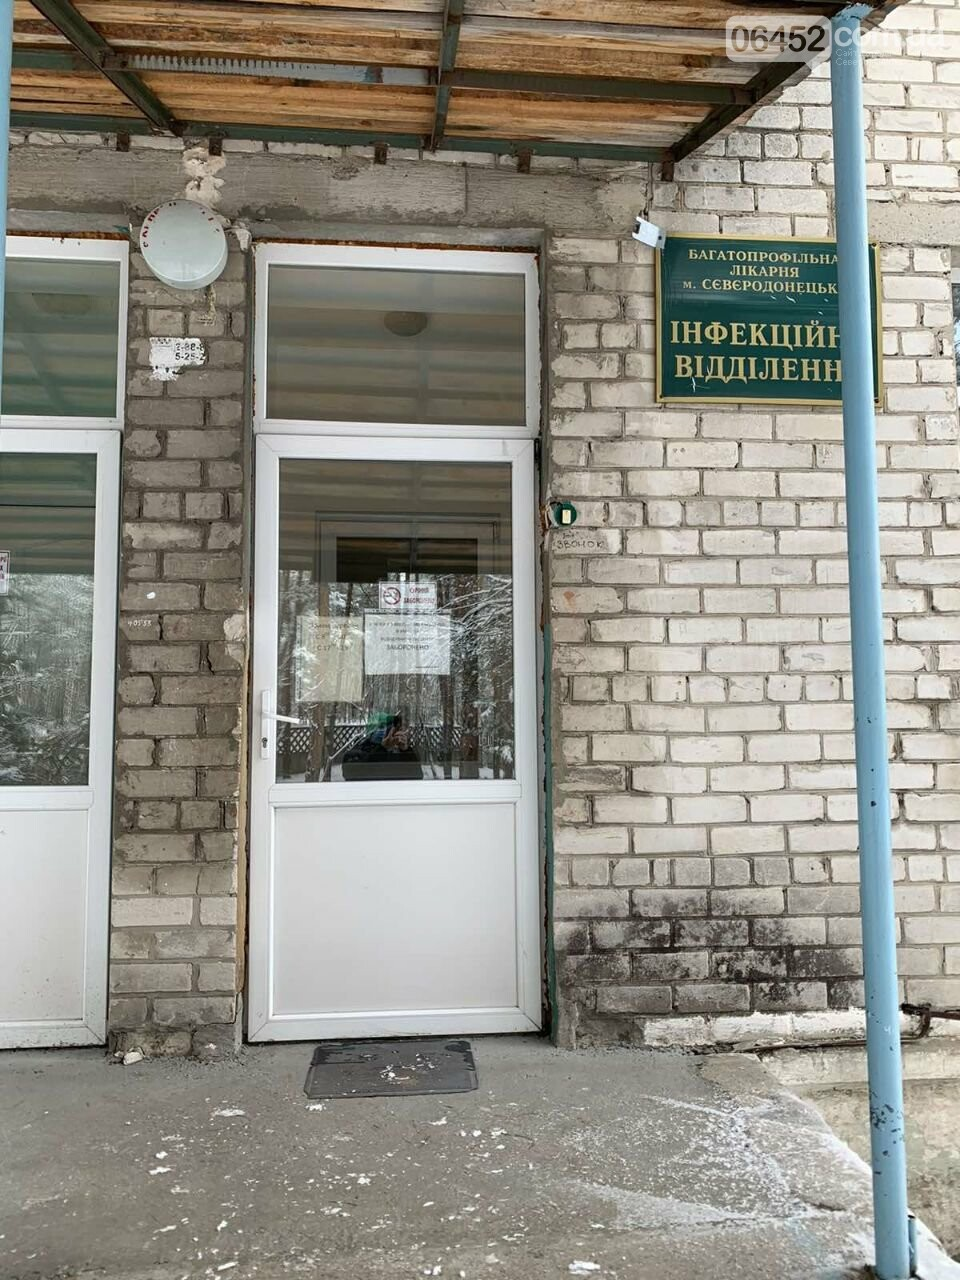 В Северодонецке на самоизоляции из-за коронавирусной инфекции находится почти 1000 человек, фото-1